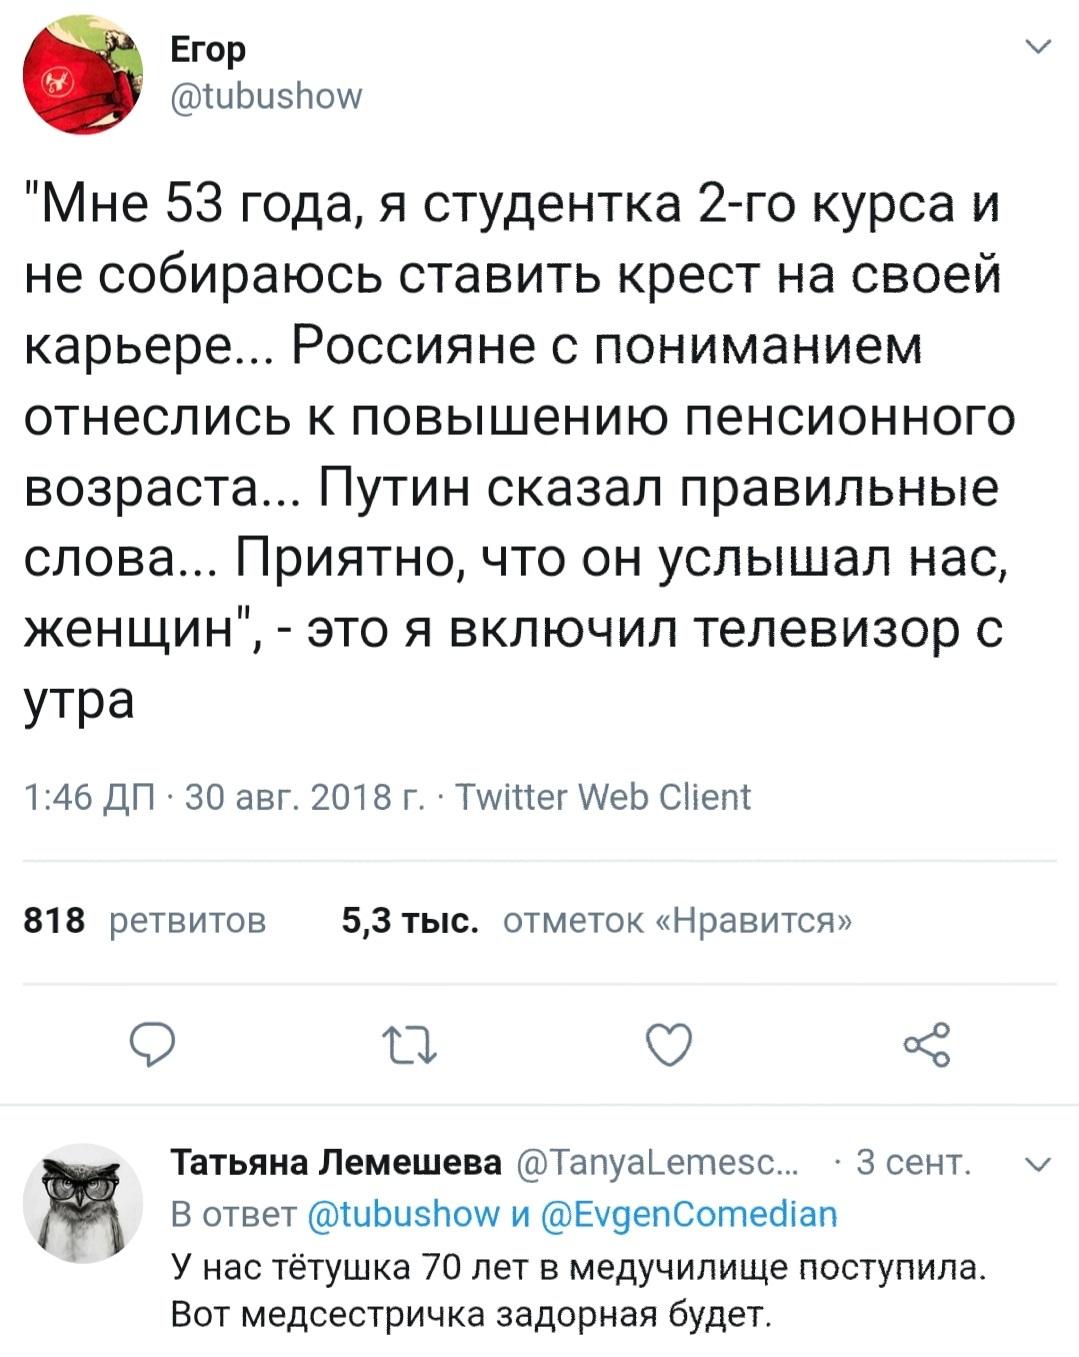 eblya-patsanov-kak-pravilno-prigat-na-hue